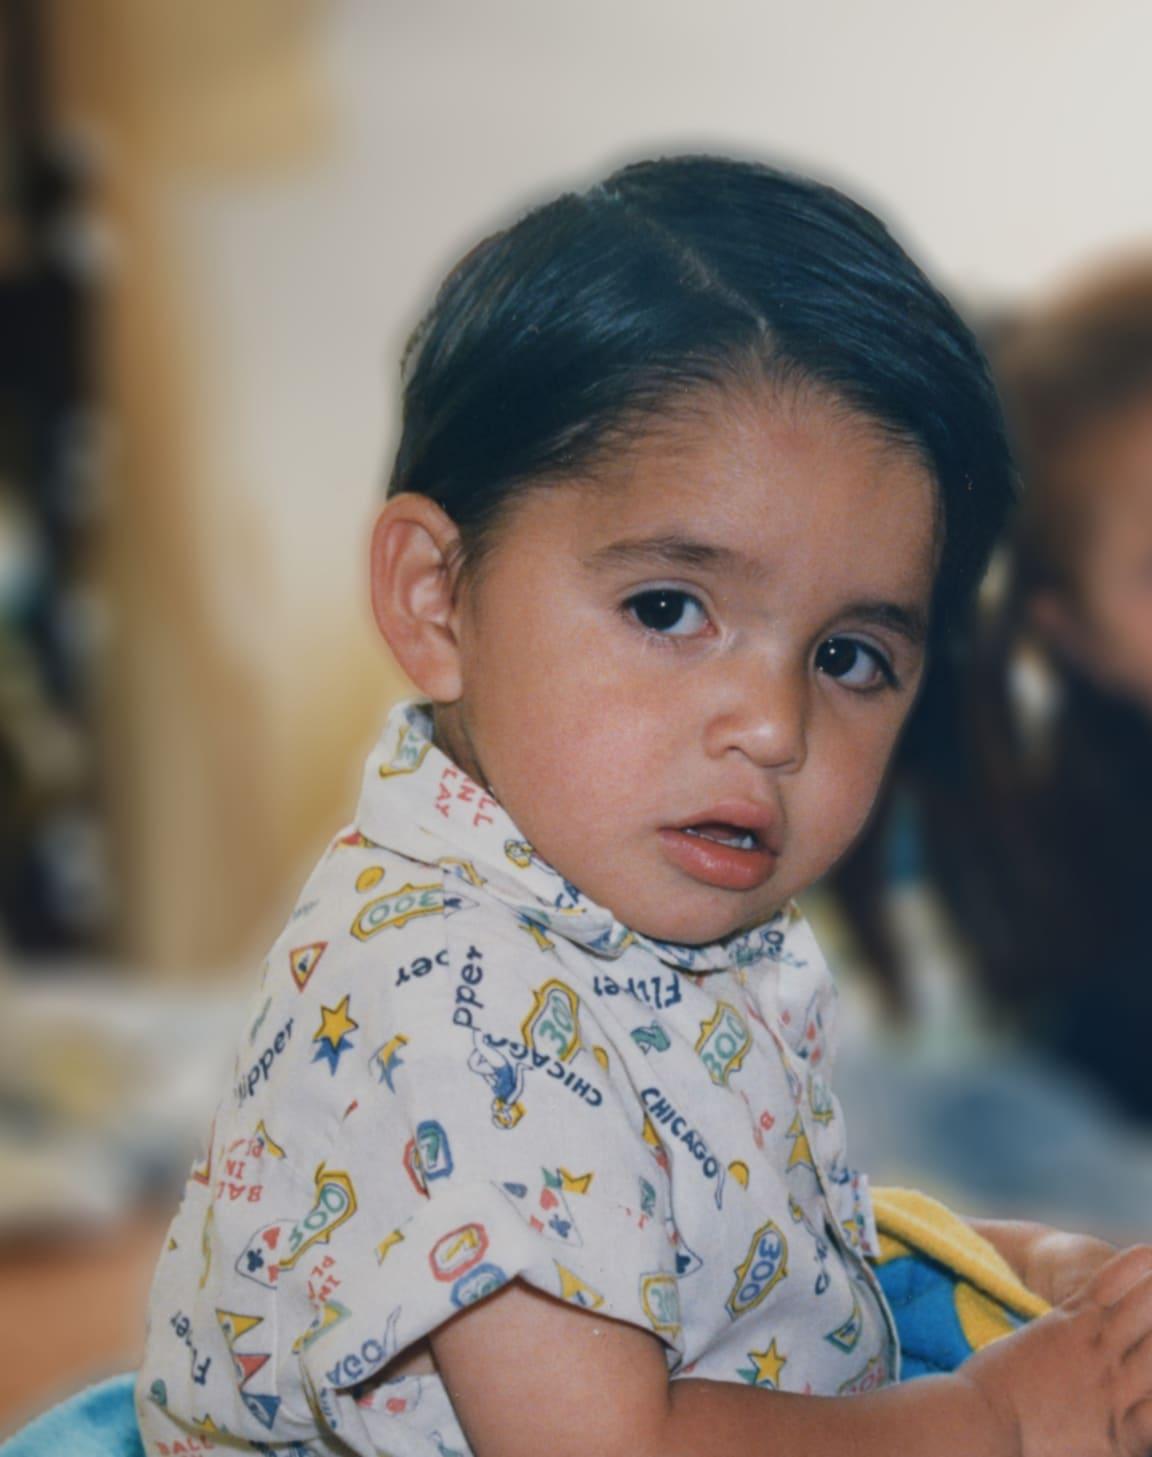 Antonio-baby